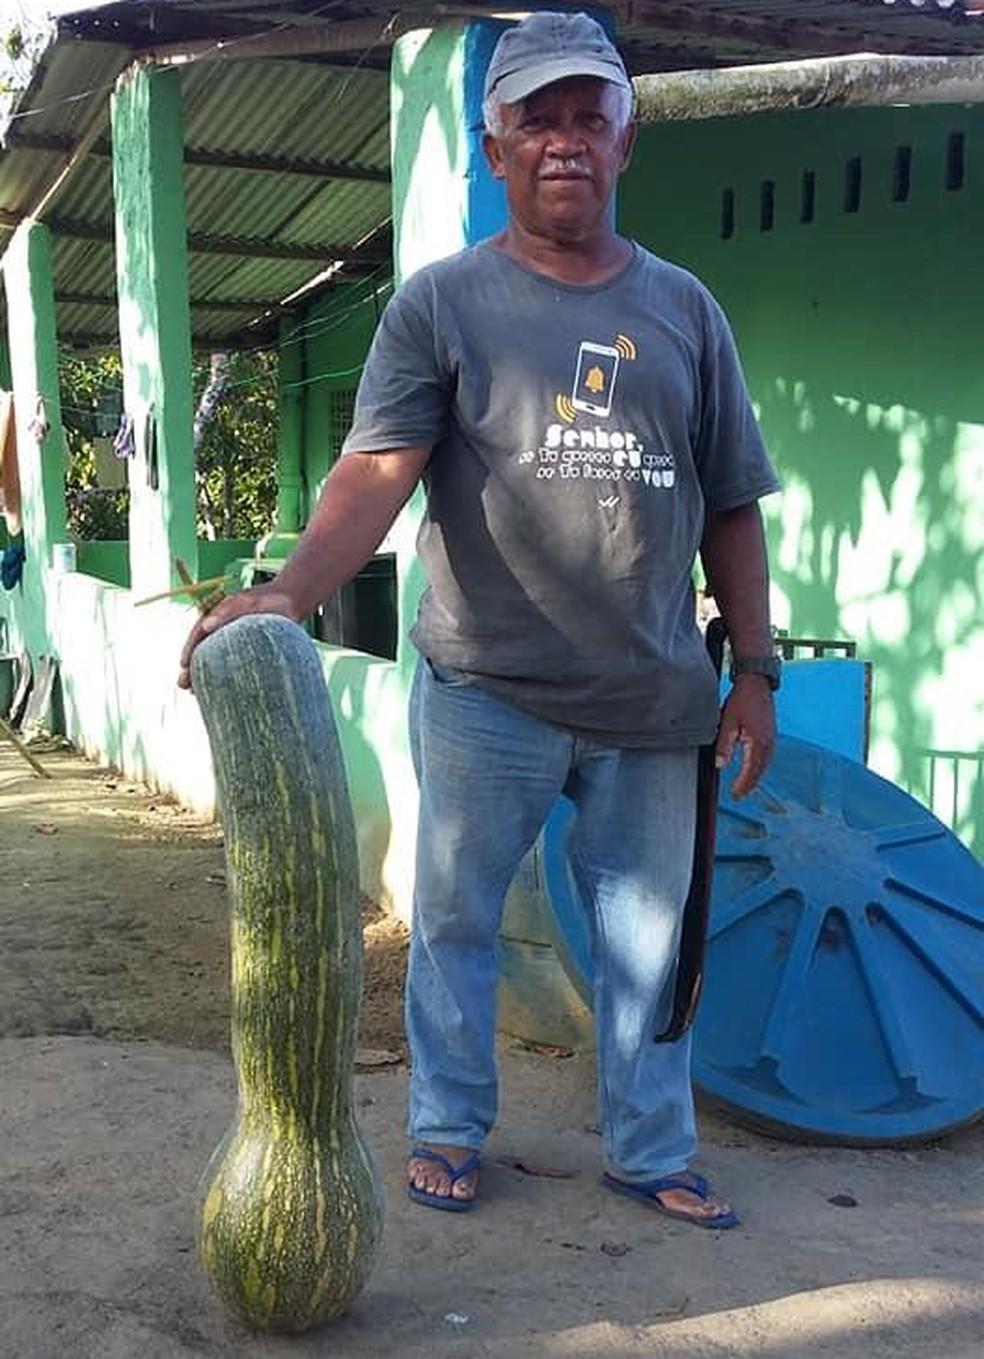 Colocada ao lado de seu Zé, a abóbora maior ultrapassa a altura da cintura do agricultor — Foto: Arquivo Pessoal